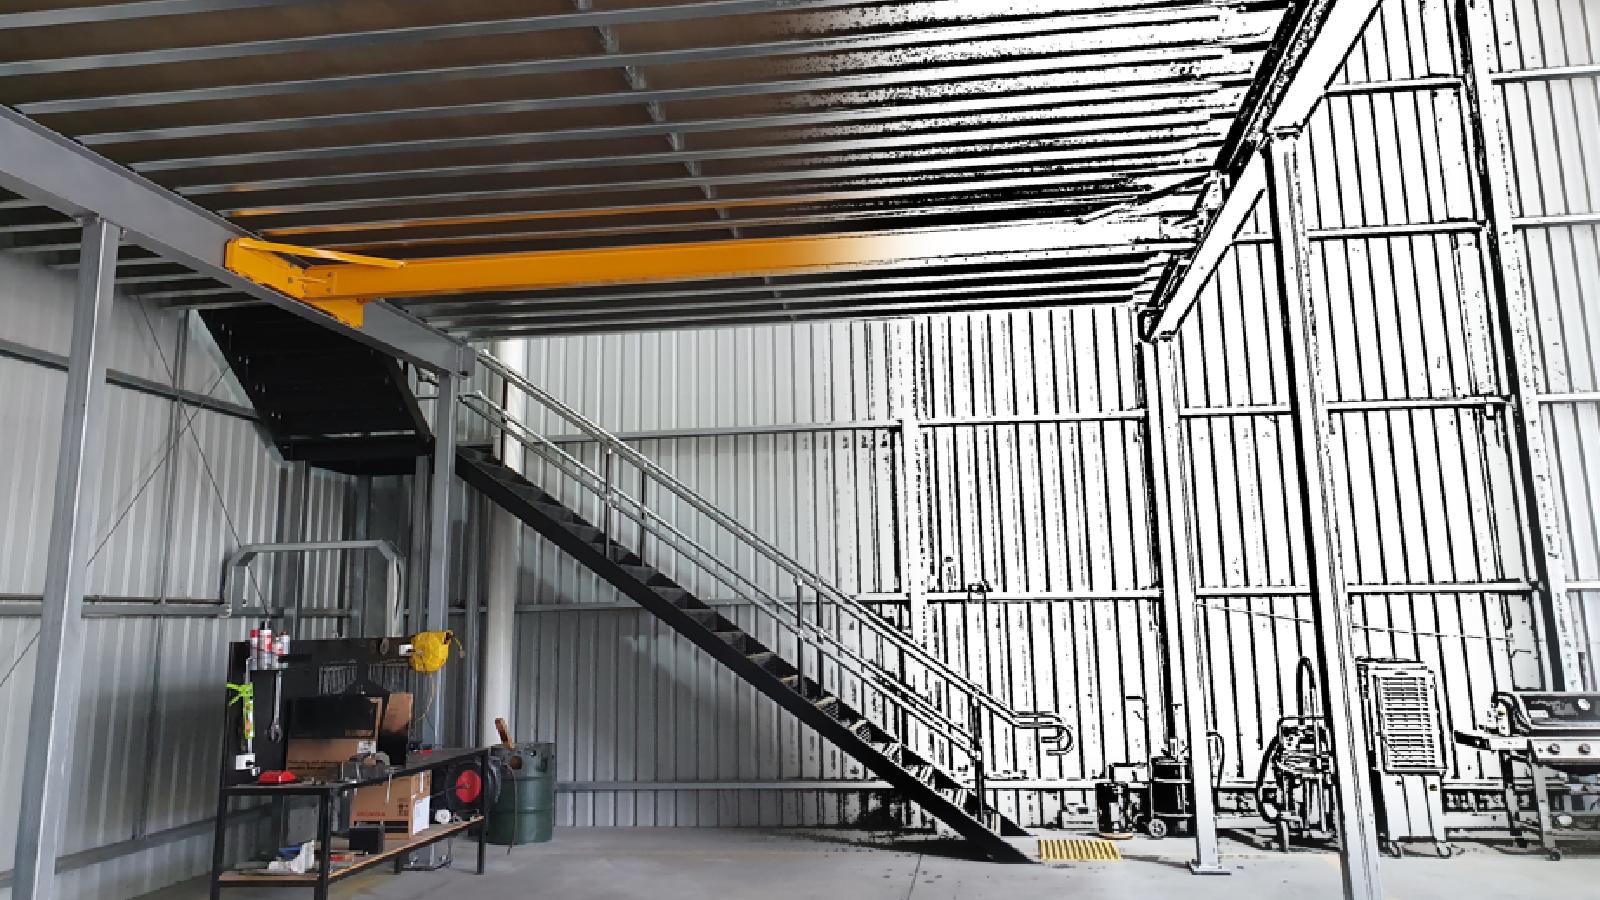 Example of Gantry Crane Mezzanine Floor